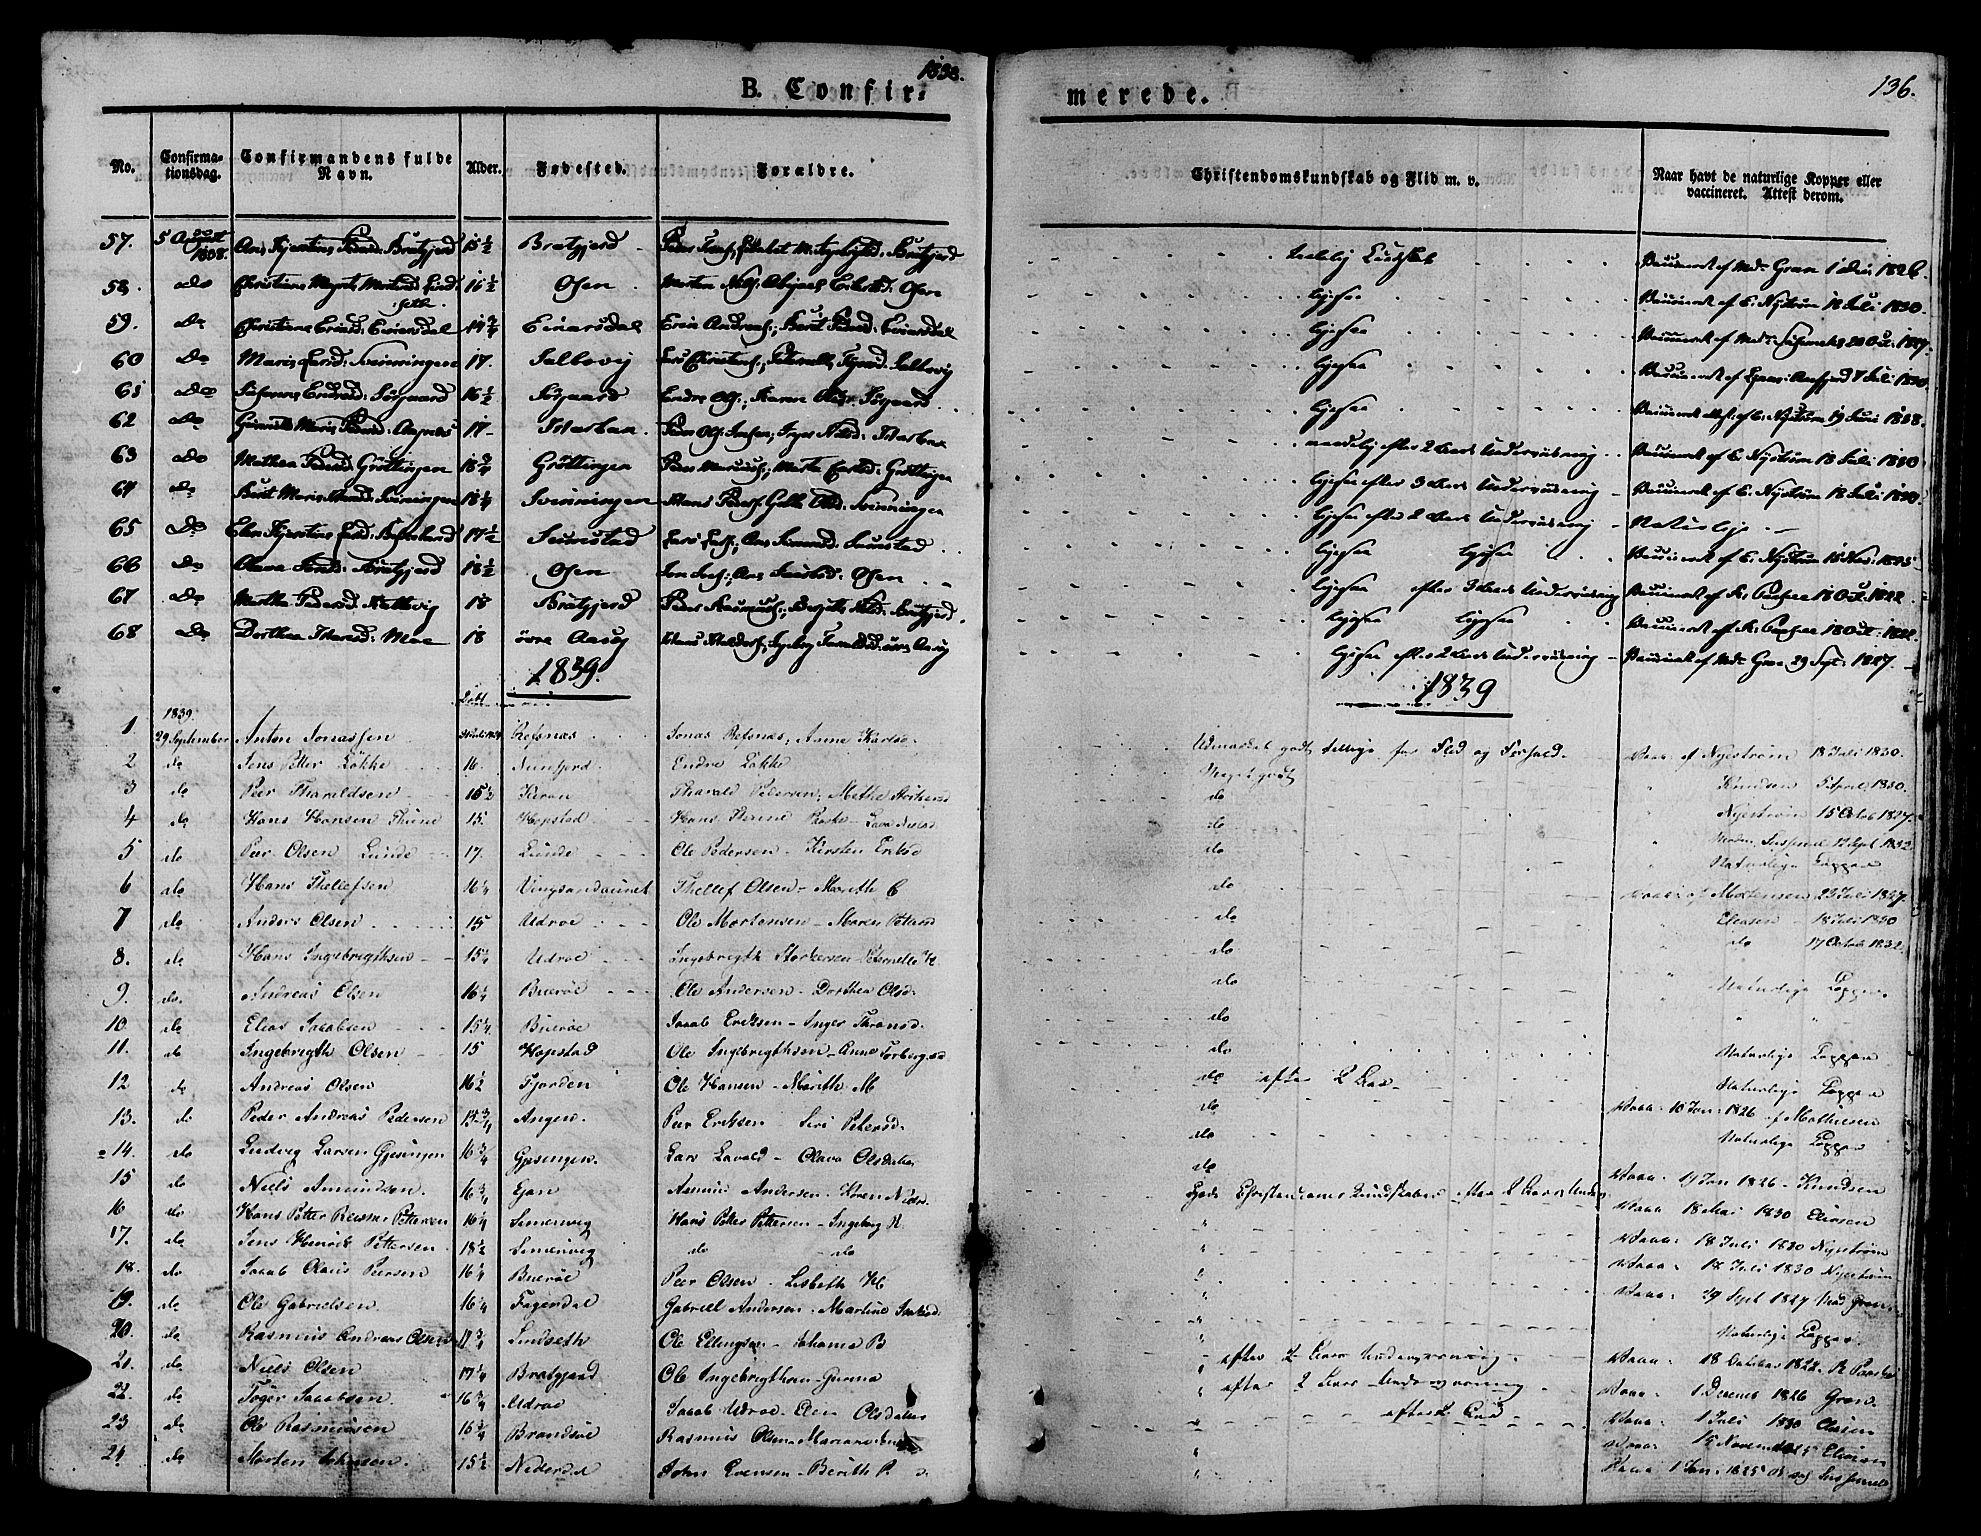 SAT, Ministerialprotokoller, klokkerbøker og fødselsregistre - Sør-Trøndelag, 657/L0703: Ministerialbok nr. 657A04, 1831-1846, s. 136